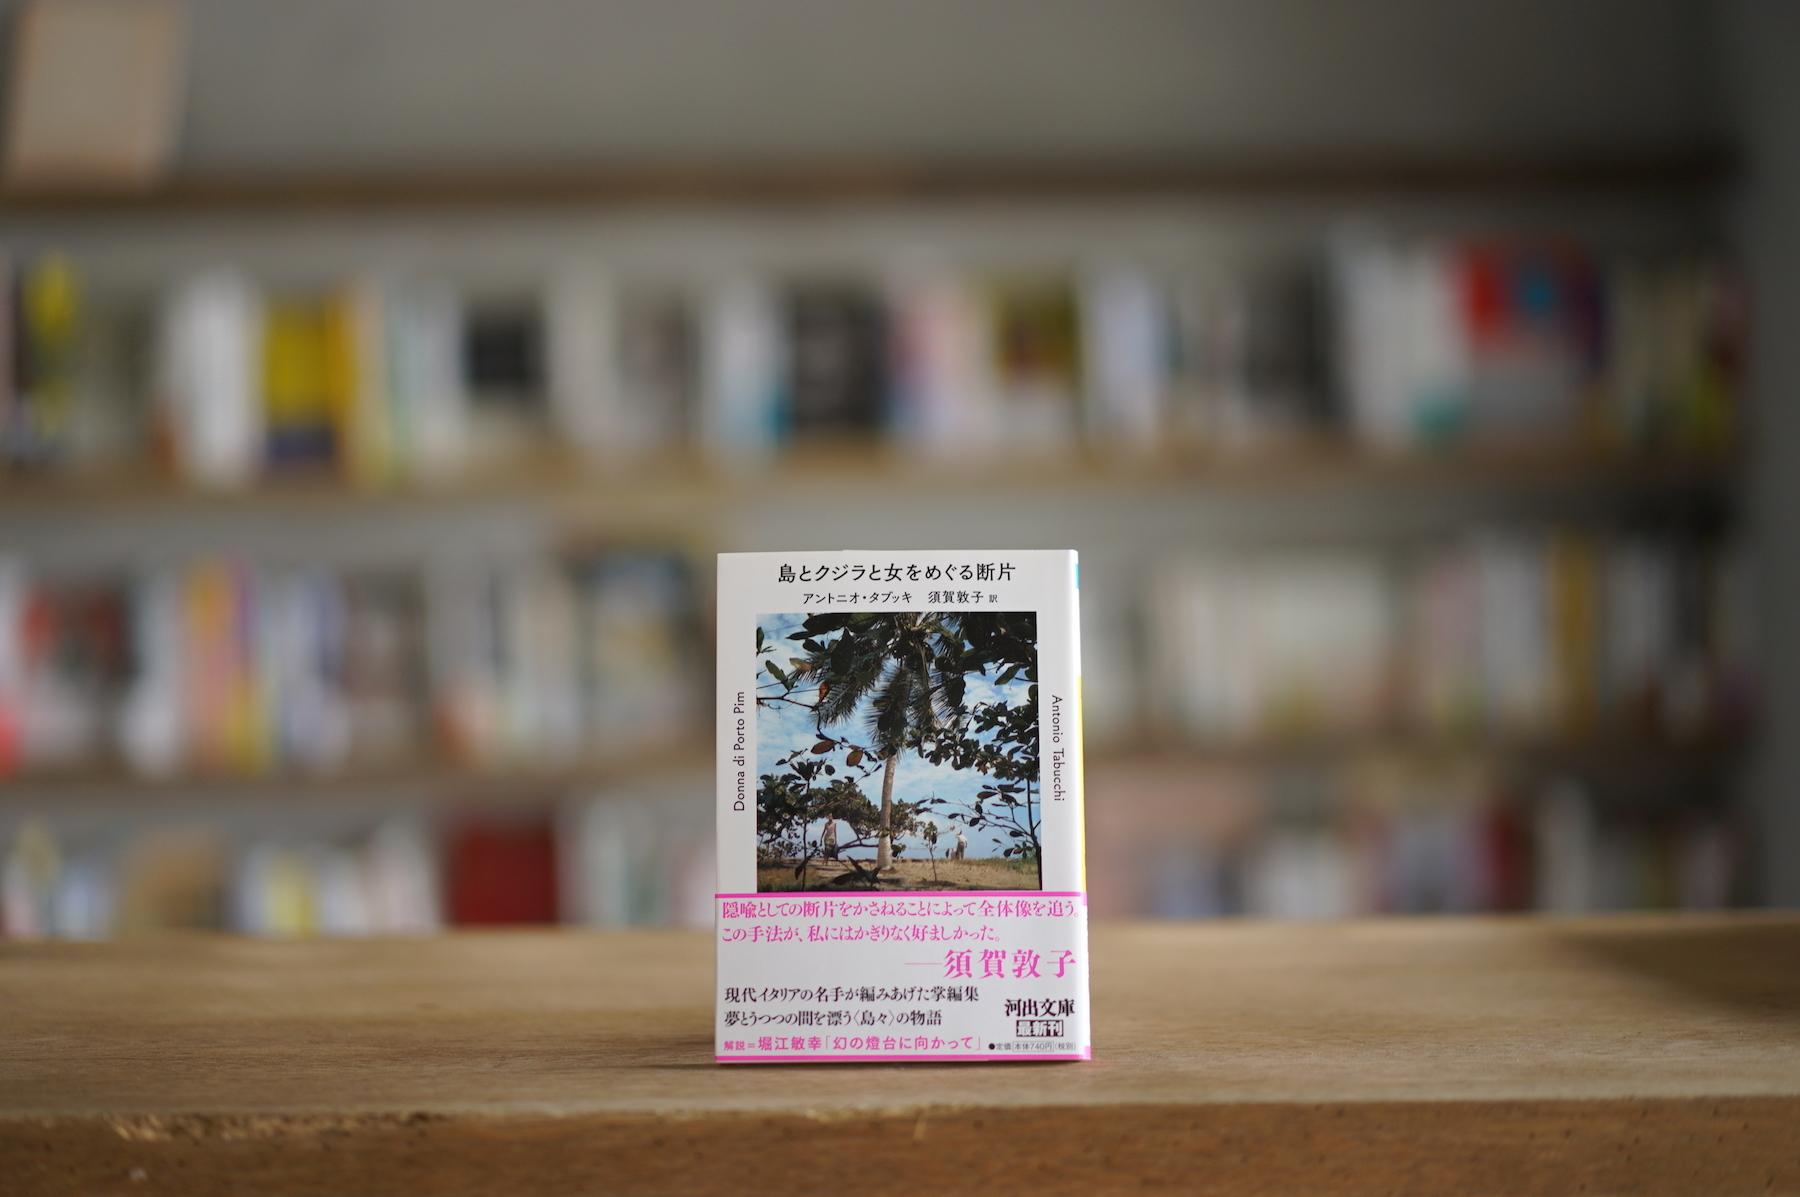 アントニオ・タブッキ 訳:須賀敦子 『島とクジラと女をめぐる断片』 (河出書房新社、2018)